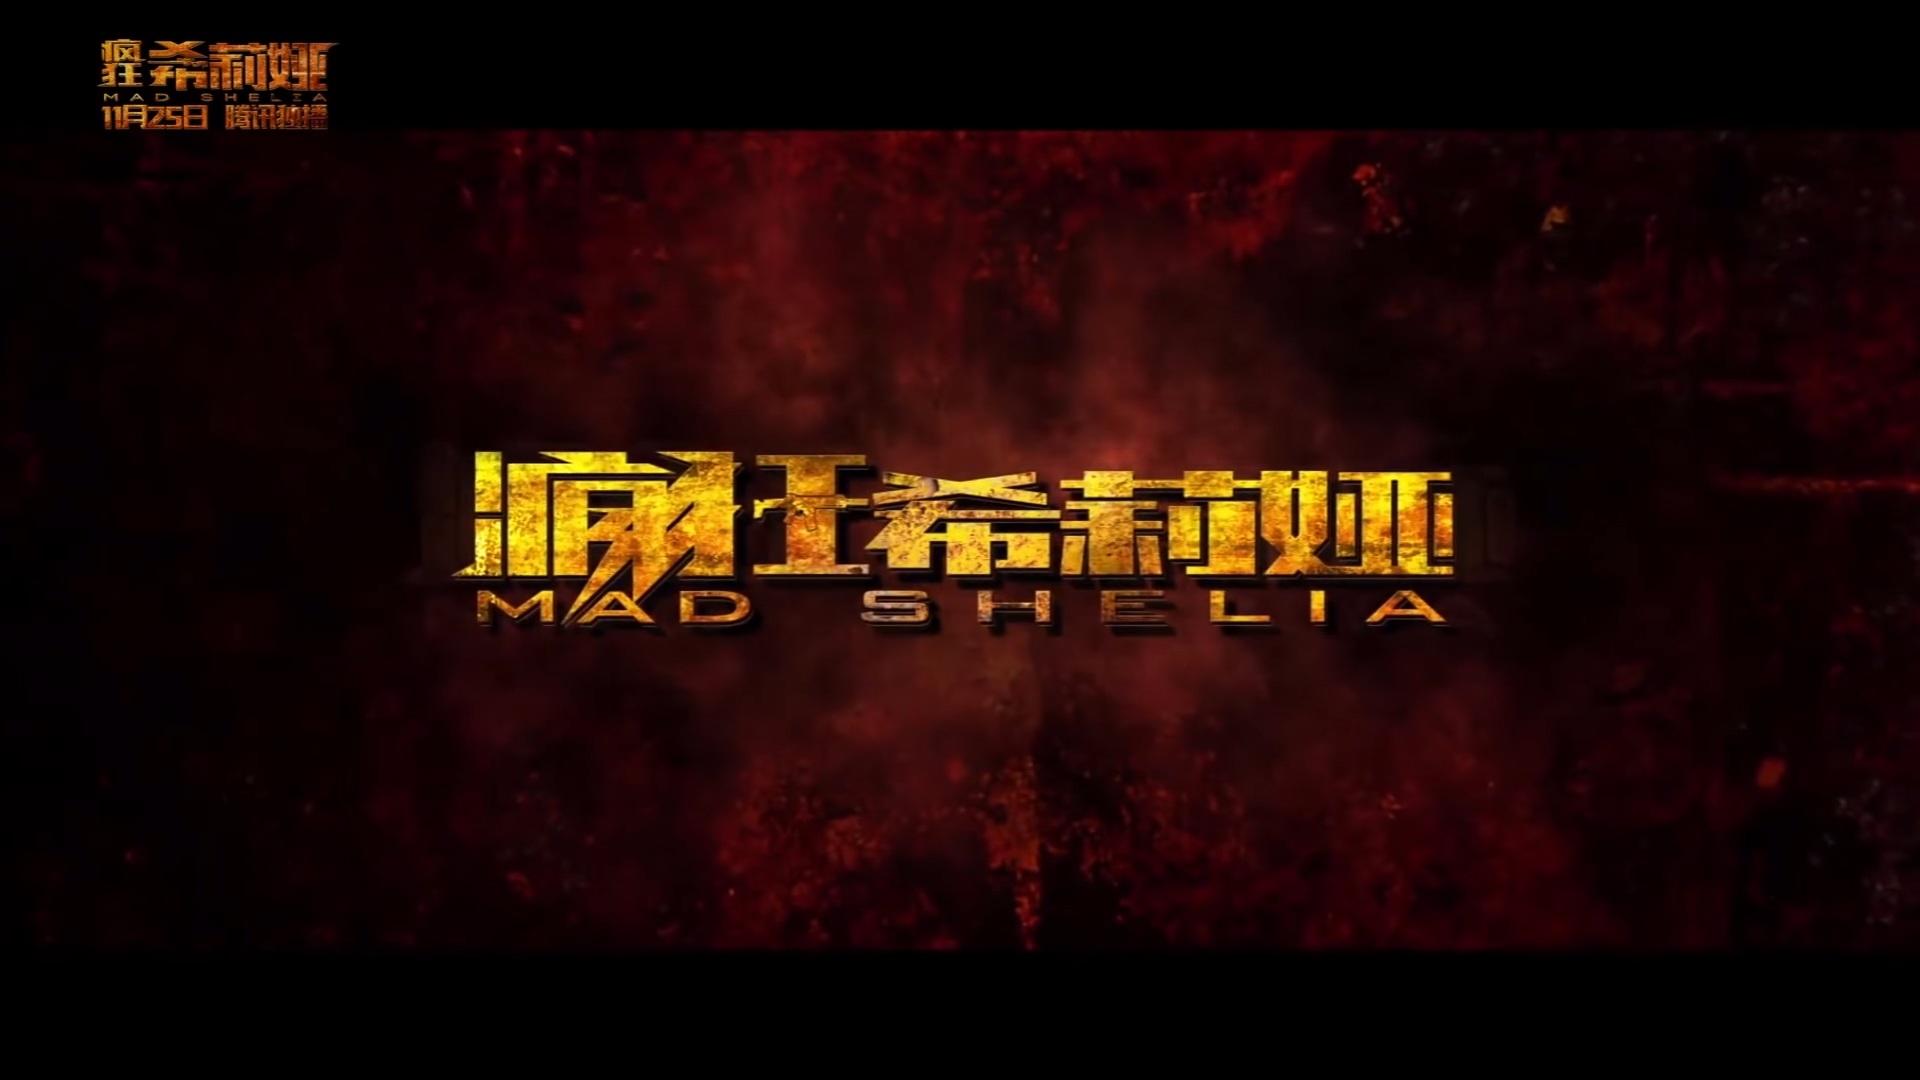 一部叫做《瘋狂希莉婭》(Mas Shelia)的中國電影 (......是放棄掙扎到連名字都直接「參考」嗎?)